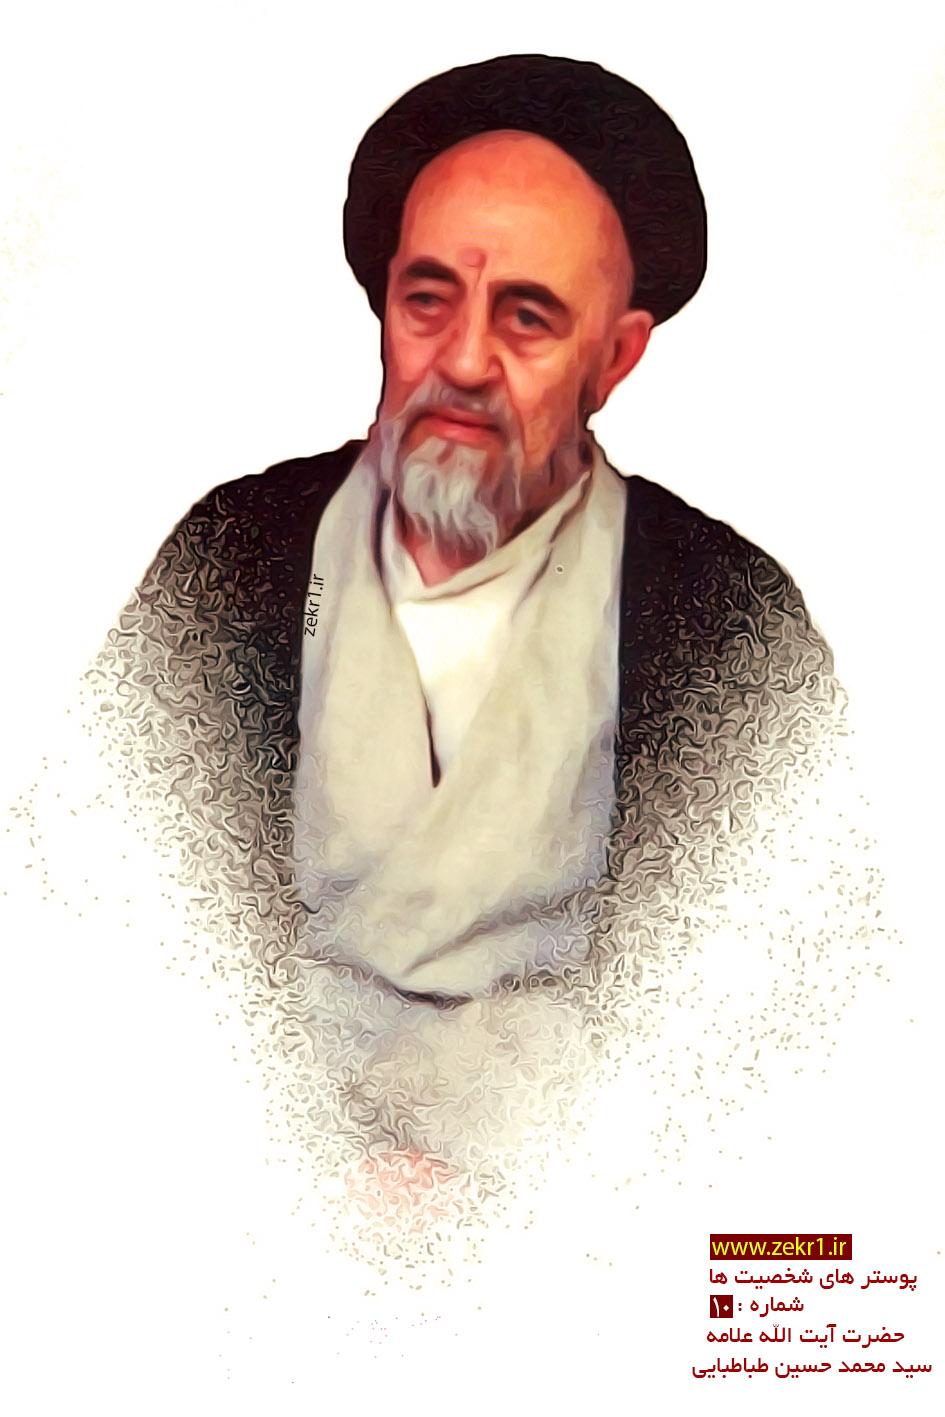 پوستر حضرت ایت الله علامه سید محمد حسین حسینی طهرانی (رحمه الله)